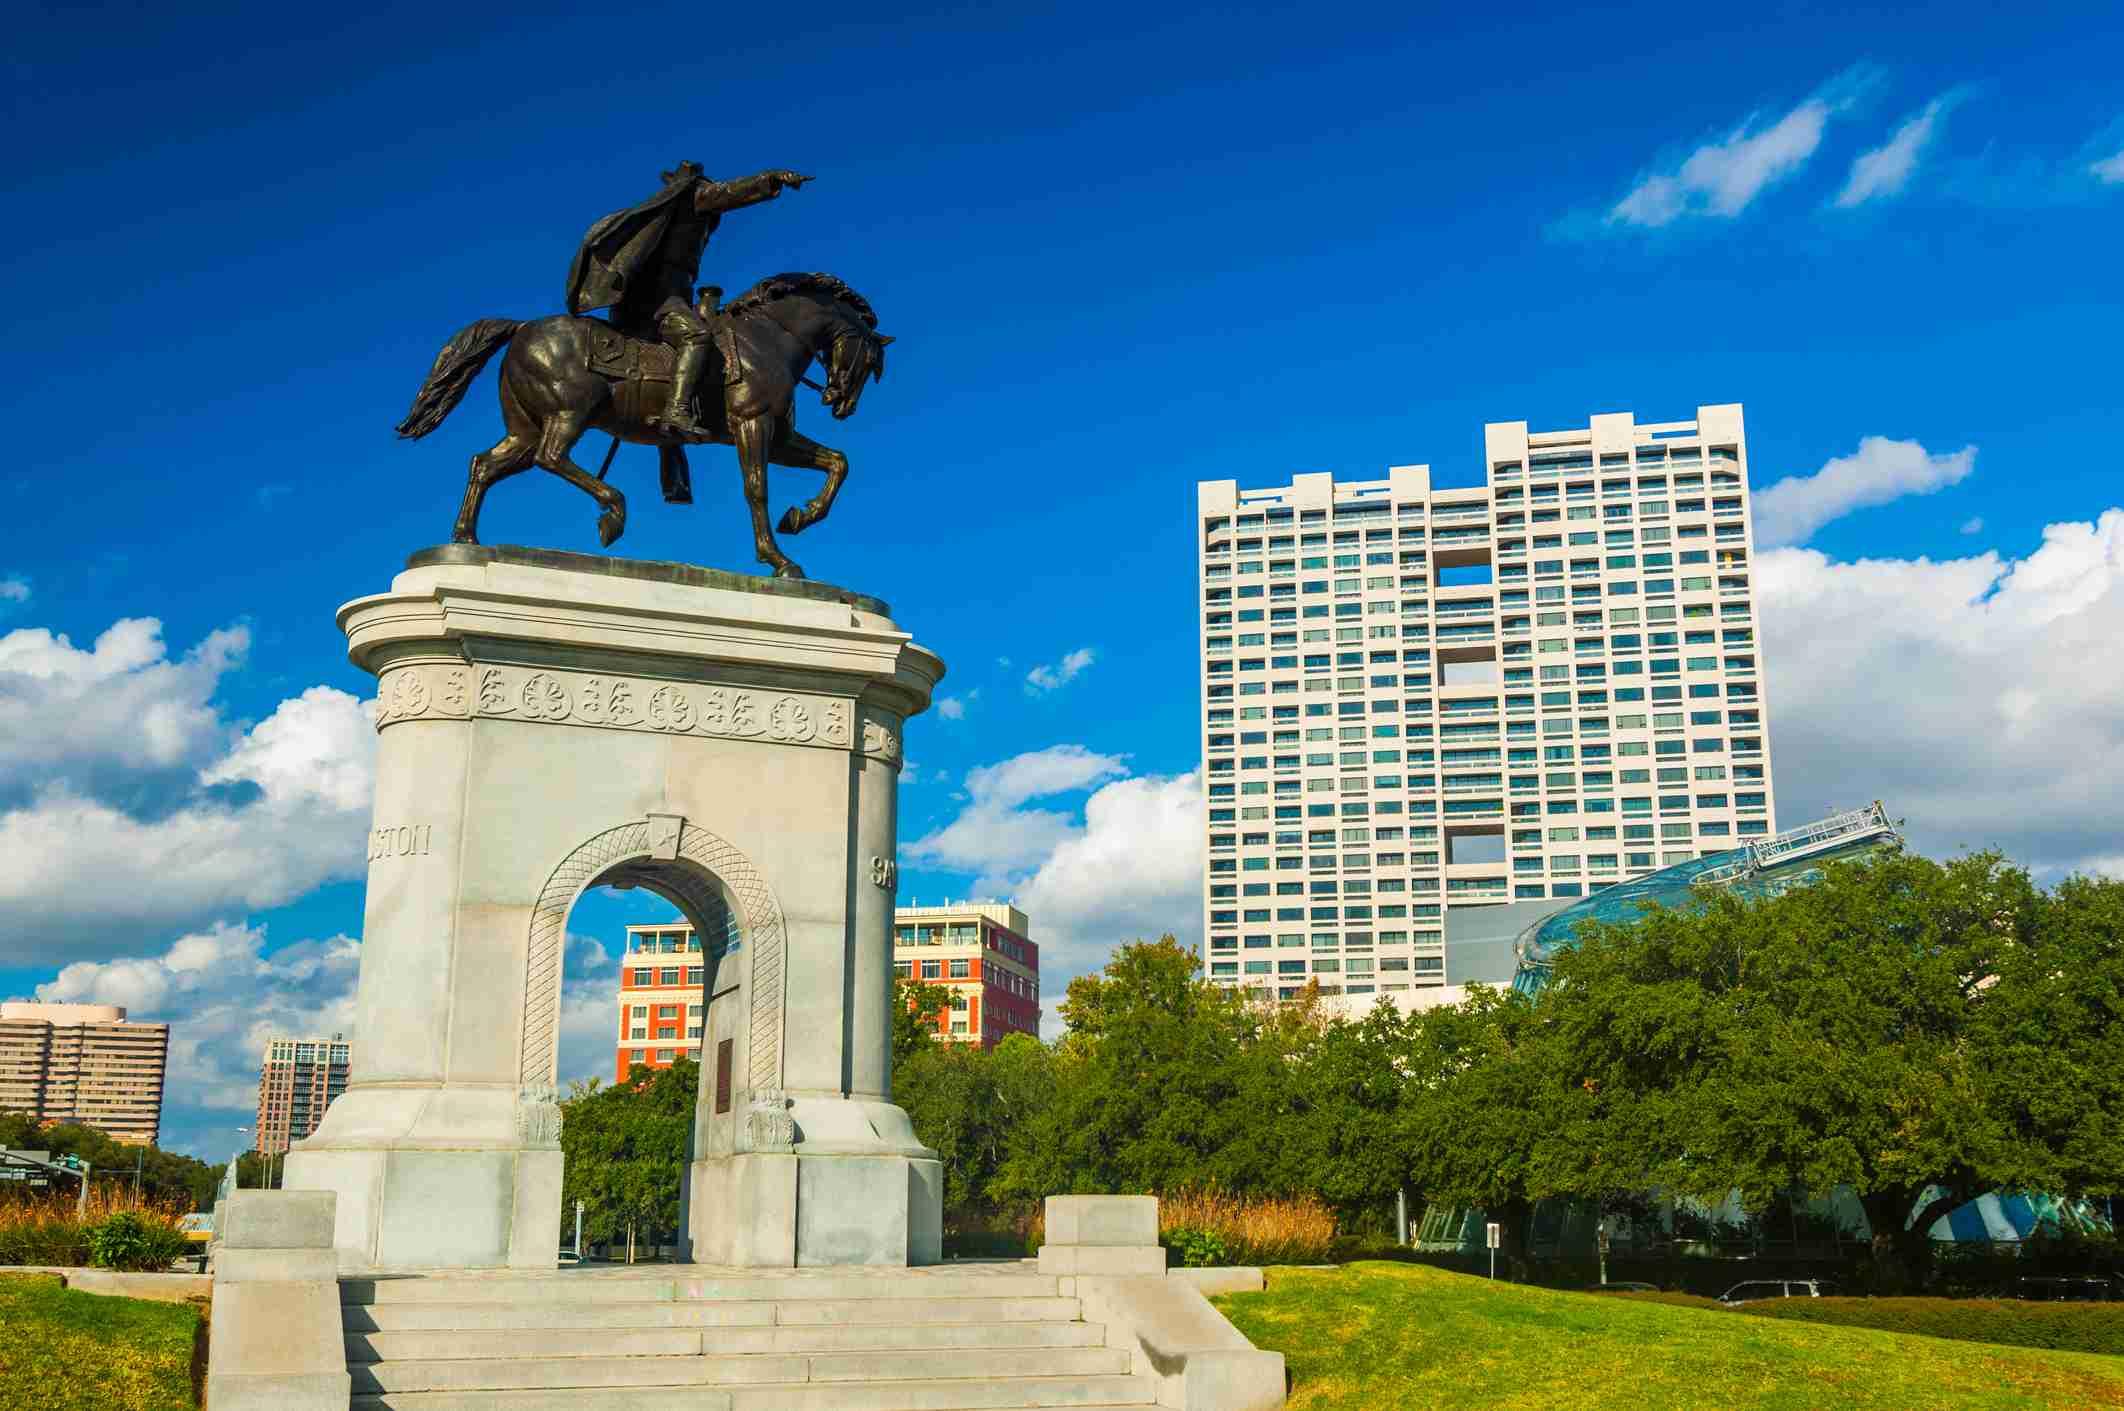 Plaza del museo con el monumento y arco Sam Houston